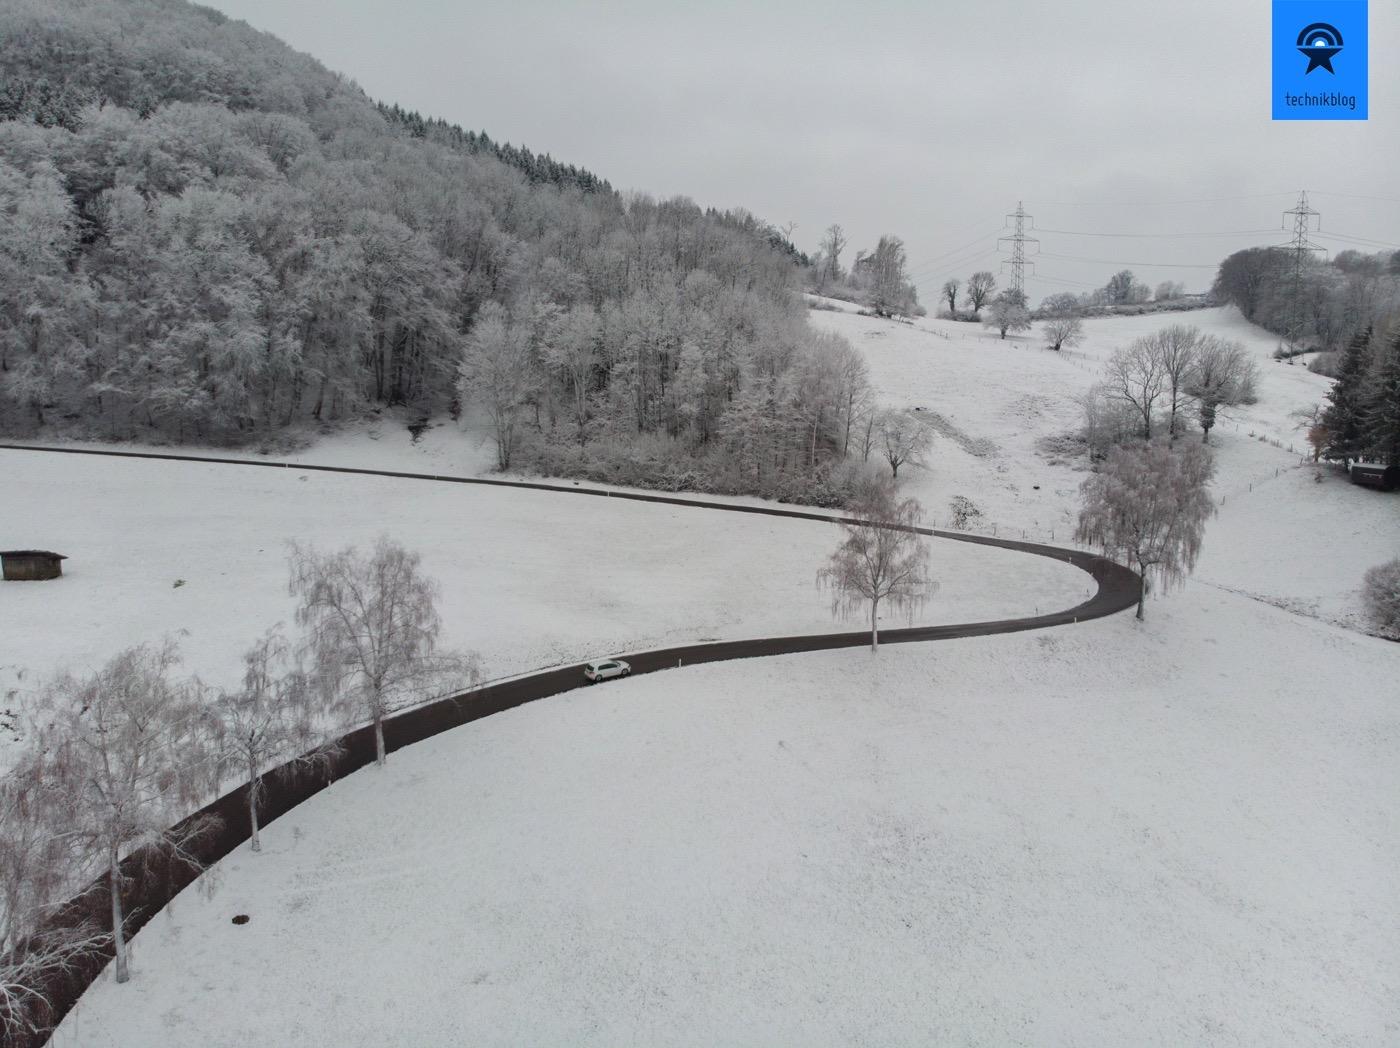 Mit dem VW e-Golf unterwegs im Winter